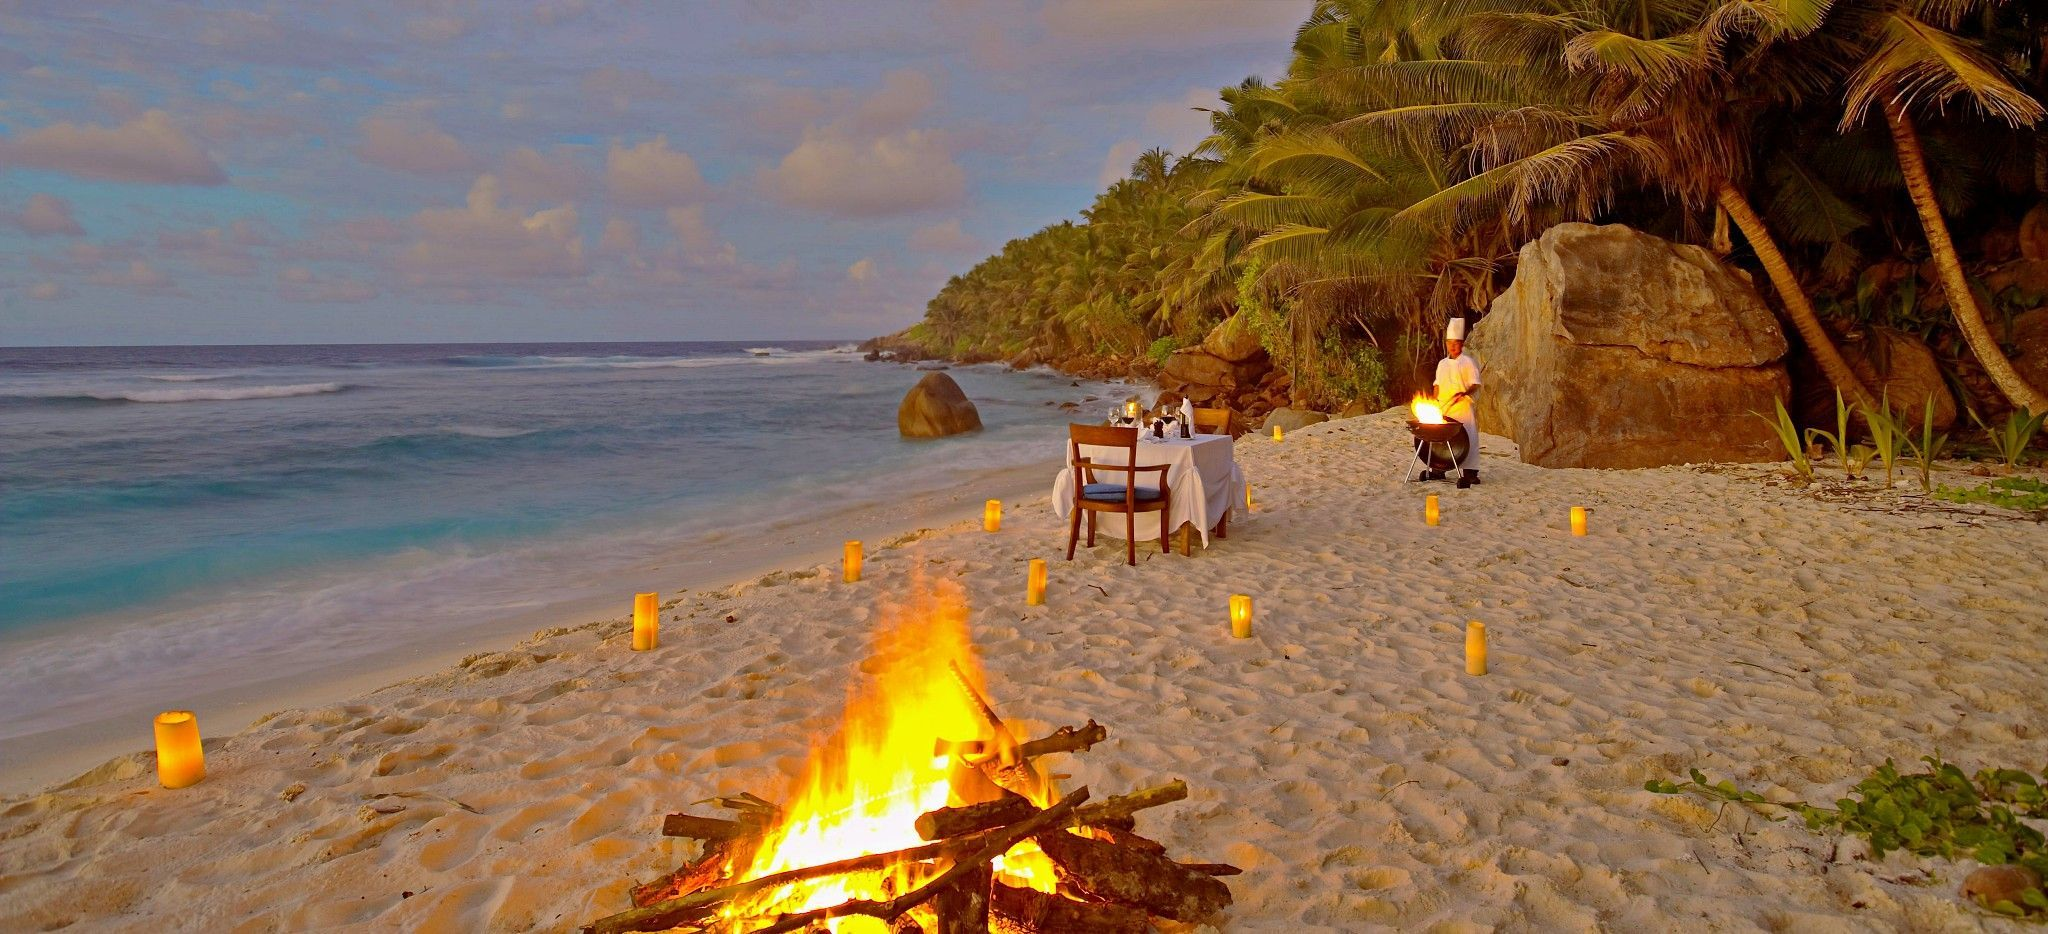 Ein Lagerfeuer am Strand, neben einem gedeckten Tisch, auf Frégate Island, Seychellen